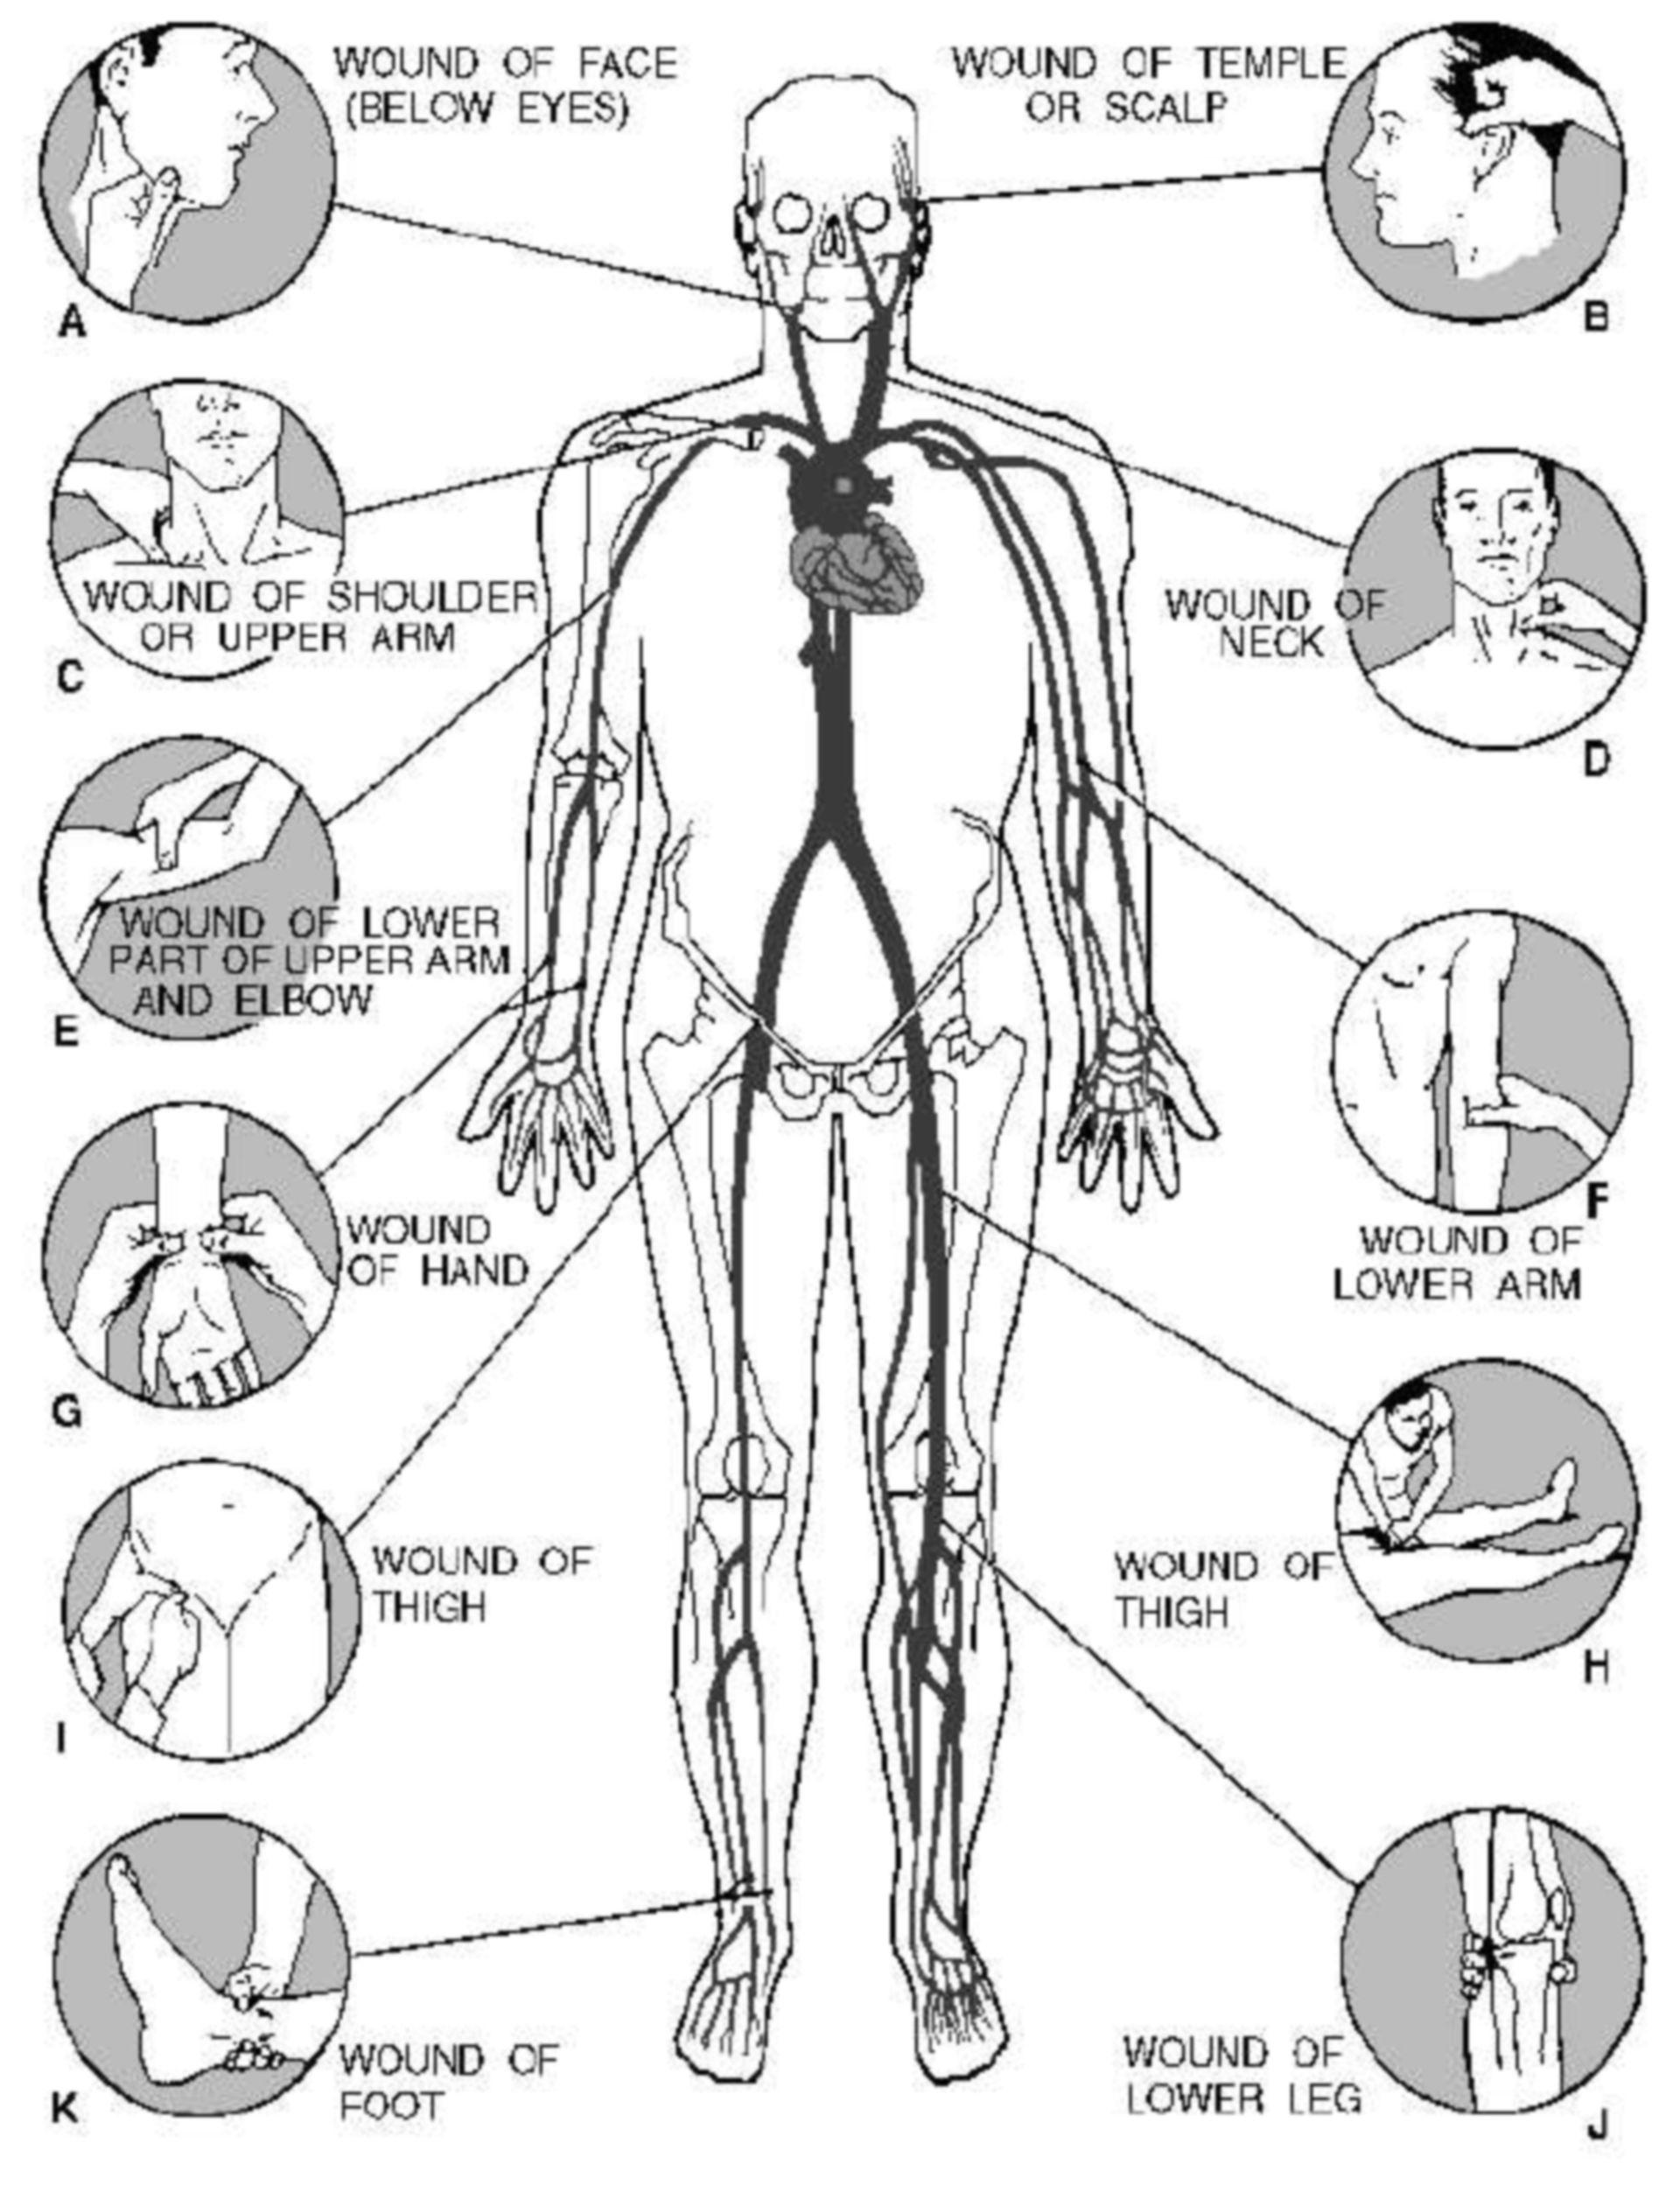 Druckpunkte zur Kompression bei Blutungen